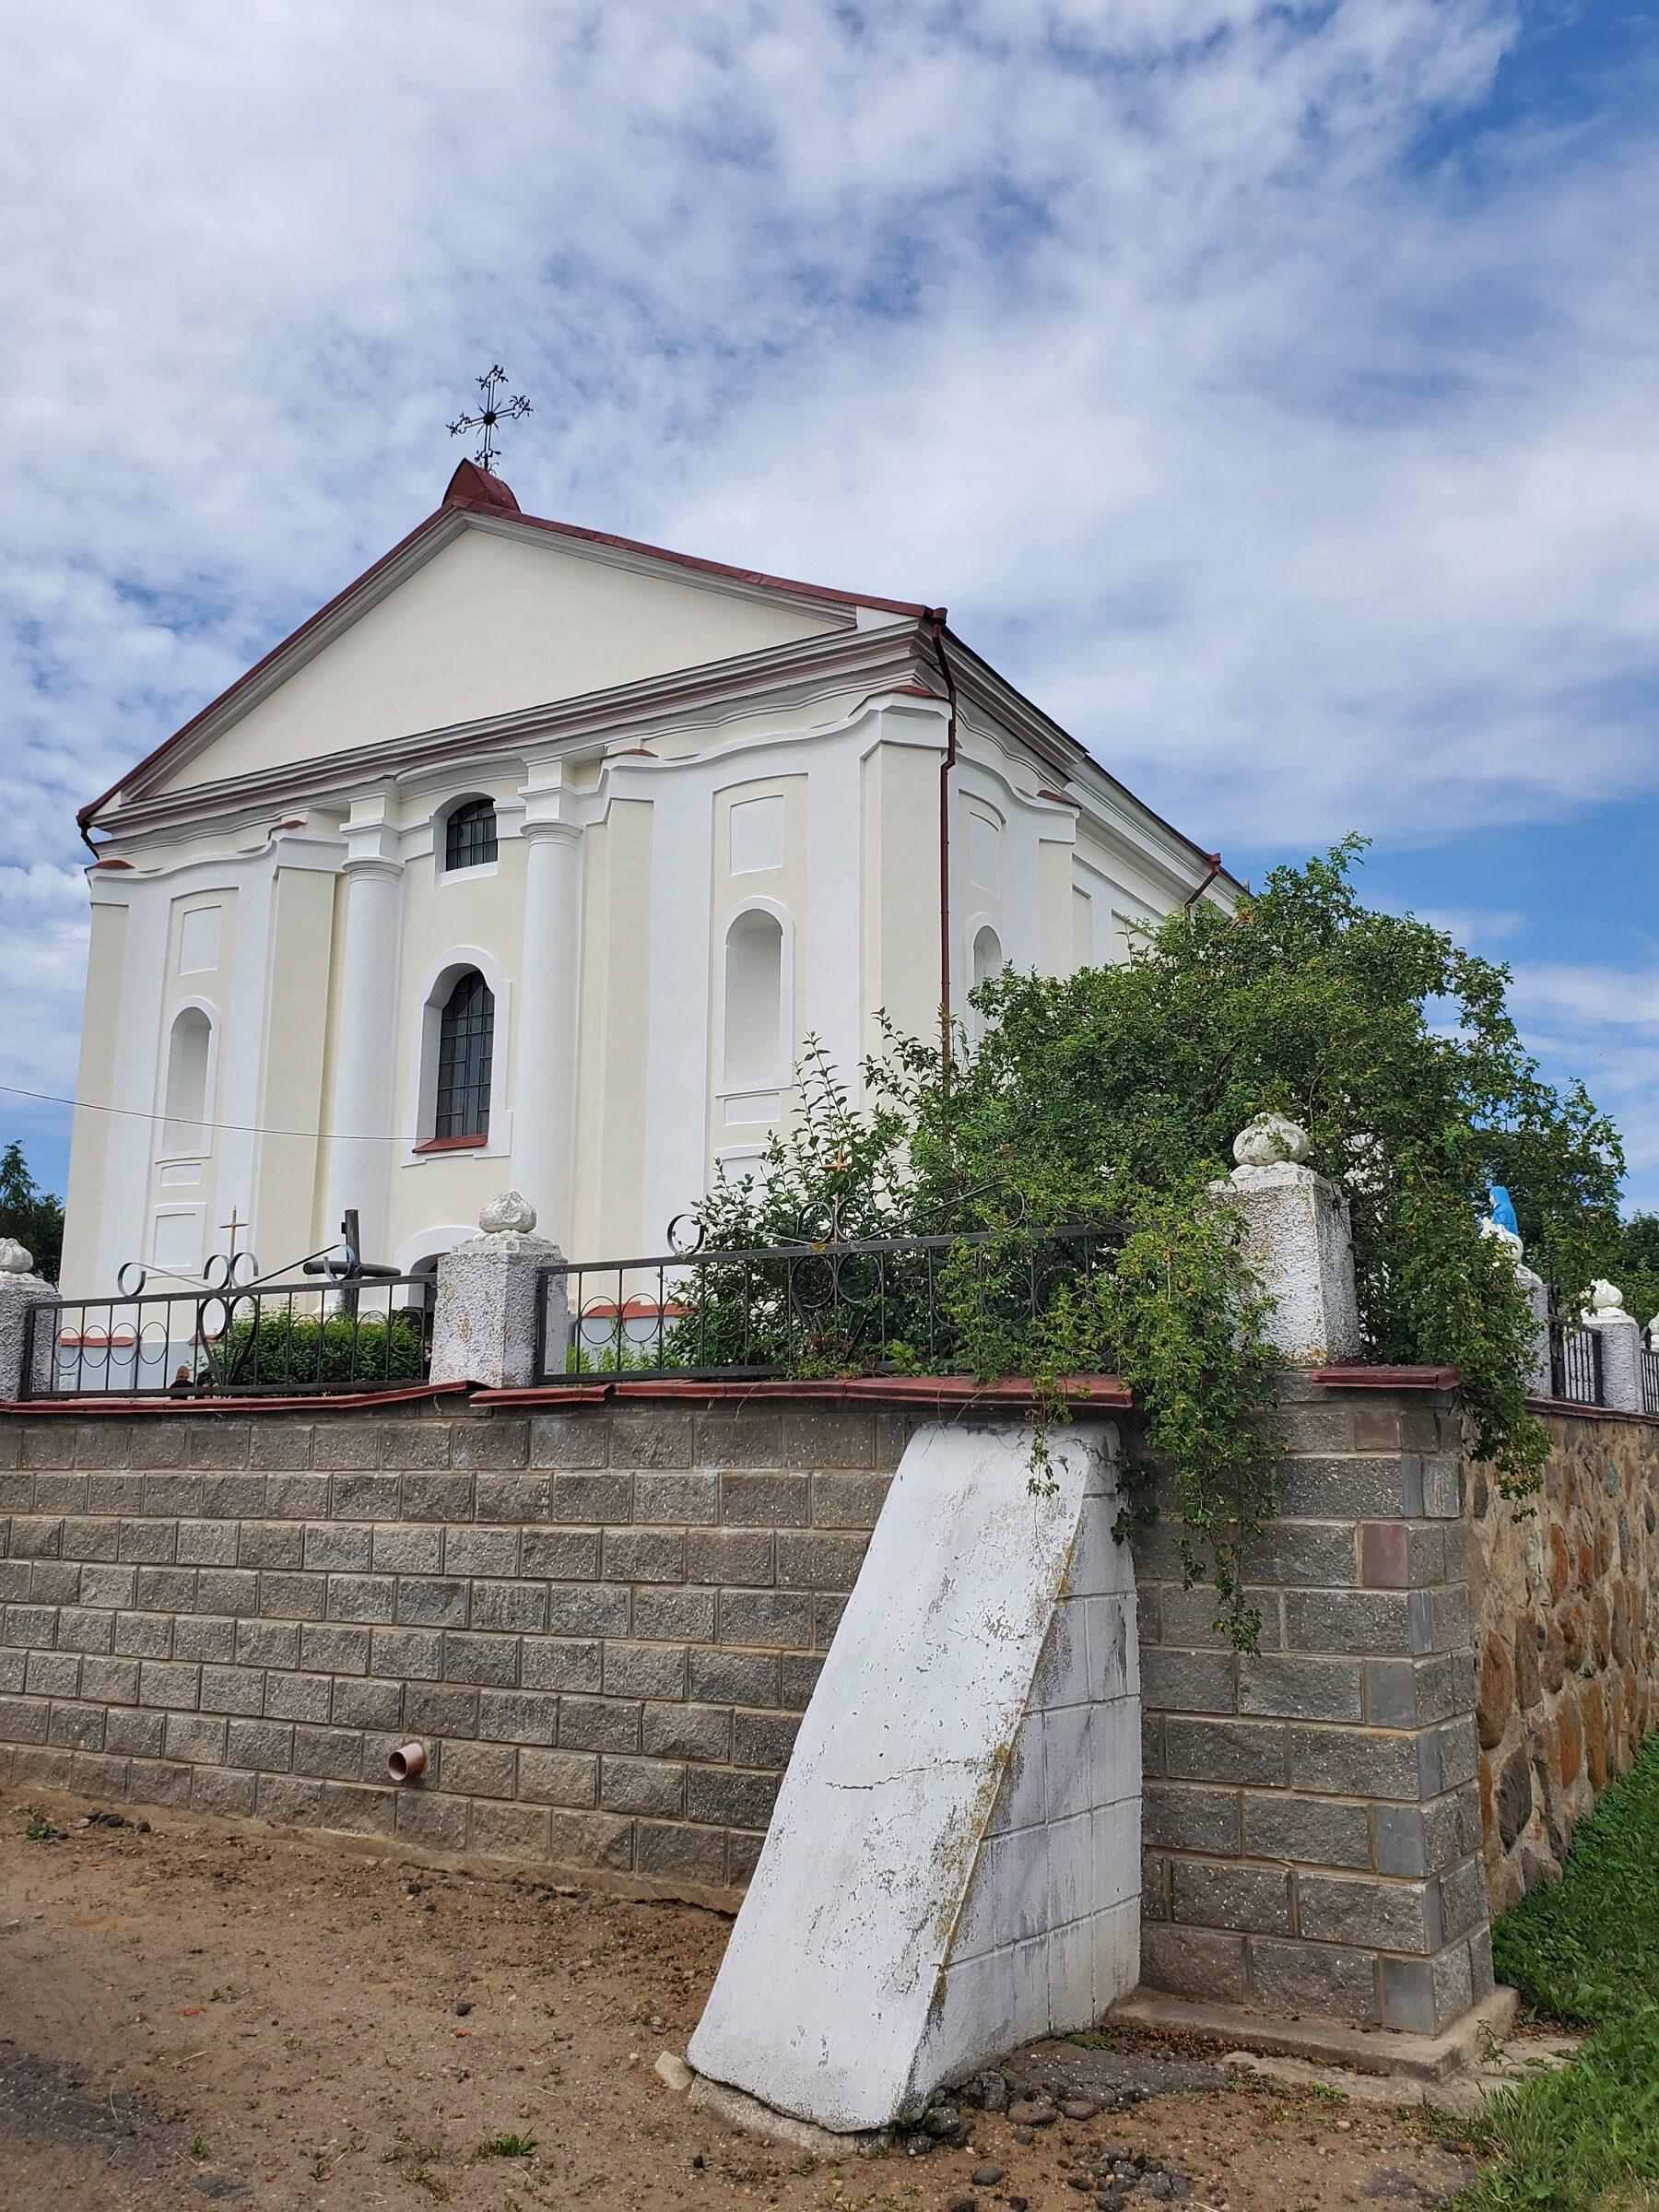 20200703 133355 2 rotated - Храм Непорочного Зачатия Девы Марии в Удело